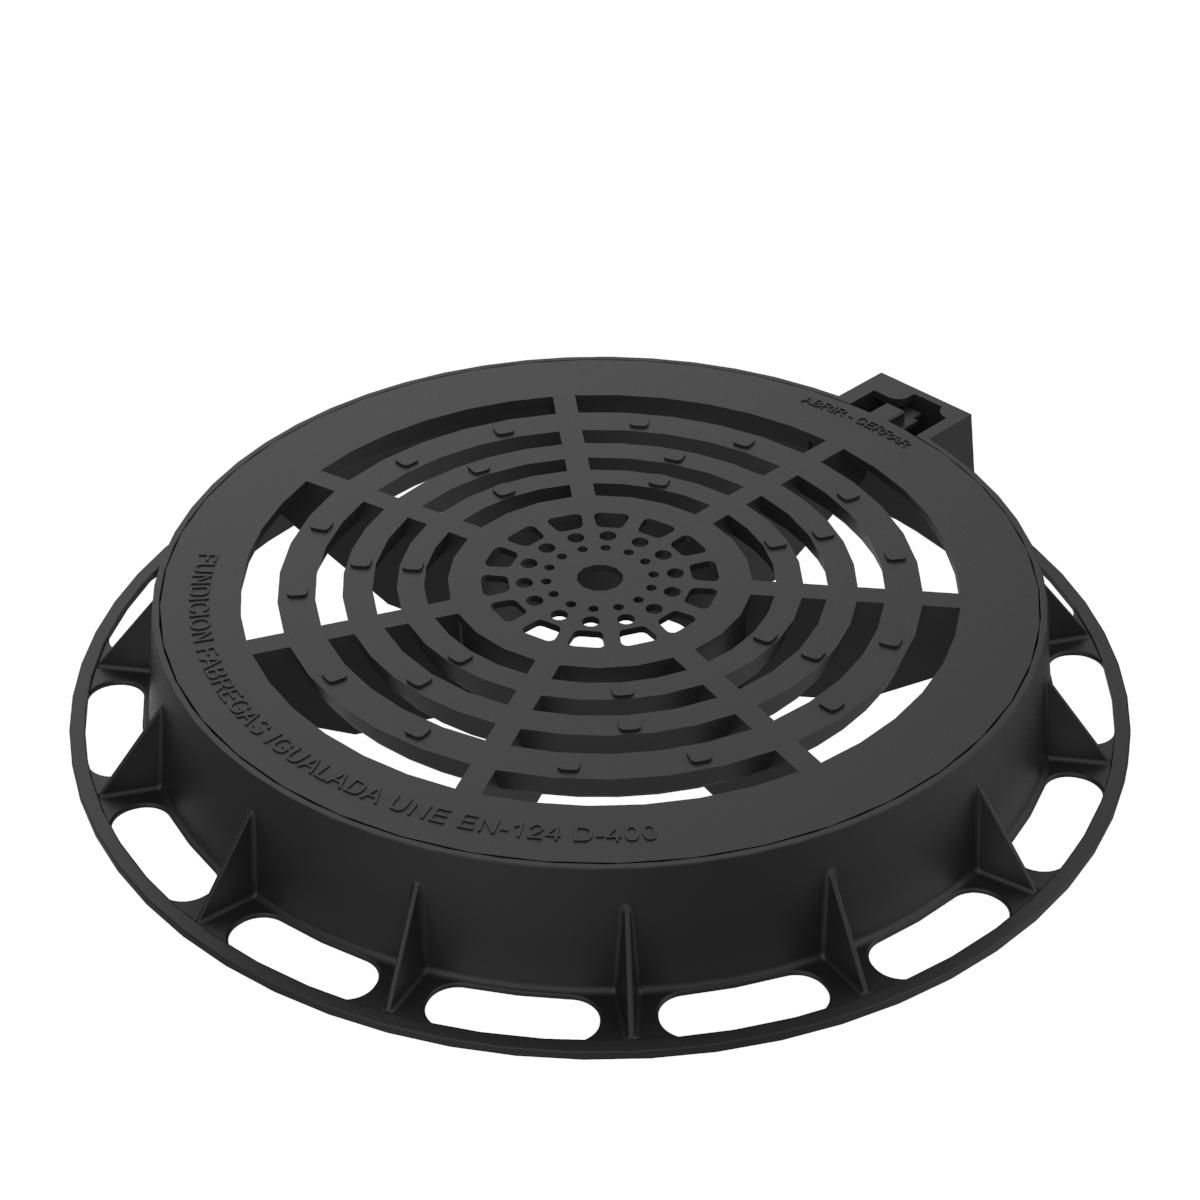 Tapa reja de registro circular en fundicion ductil D-80